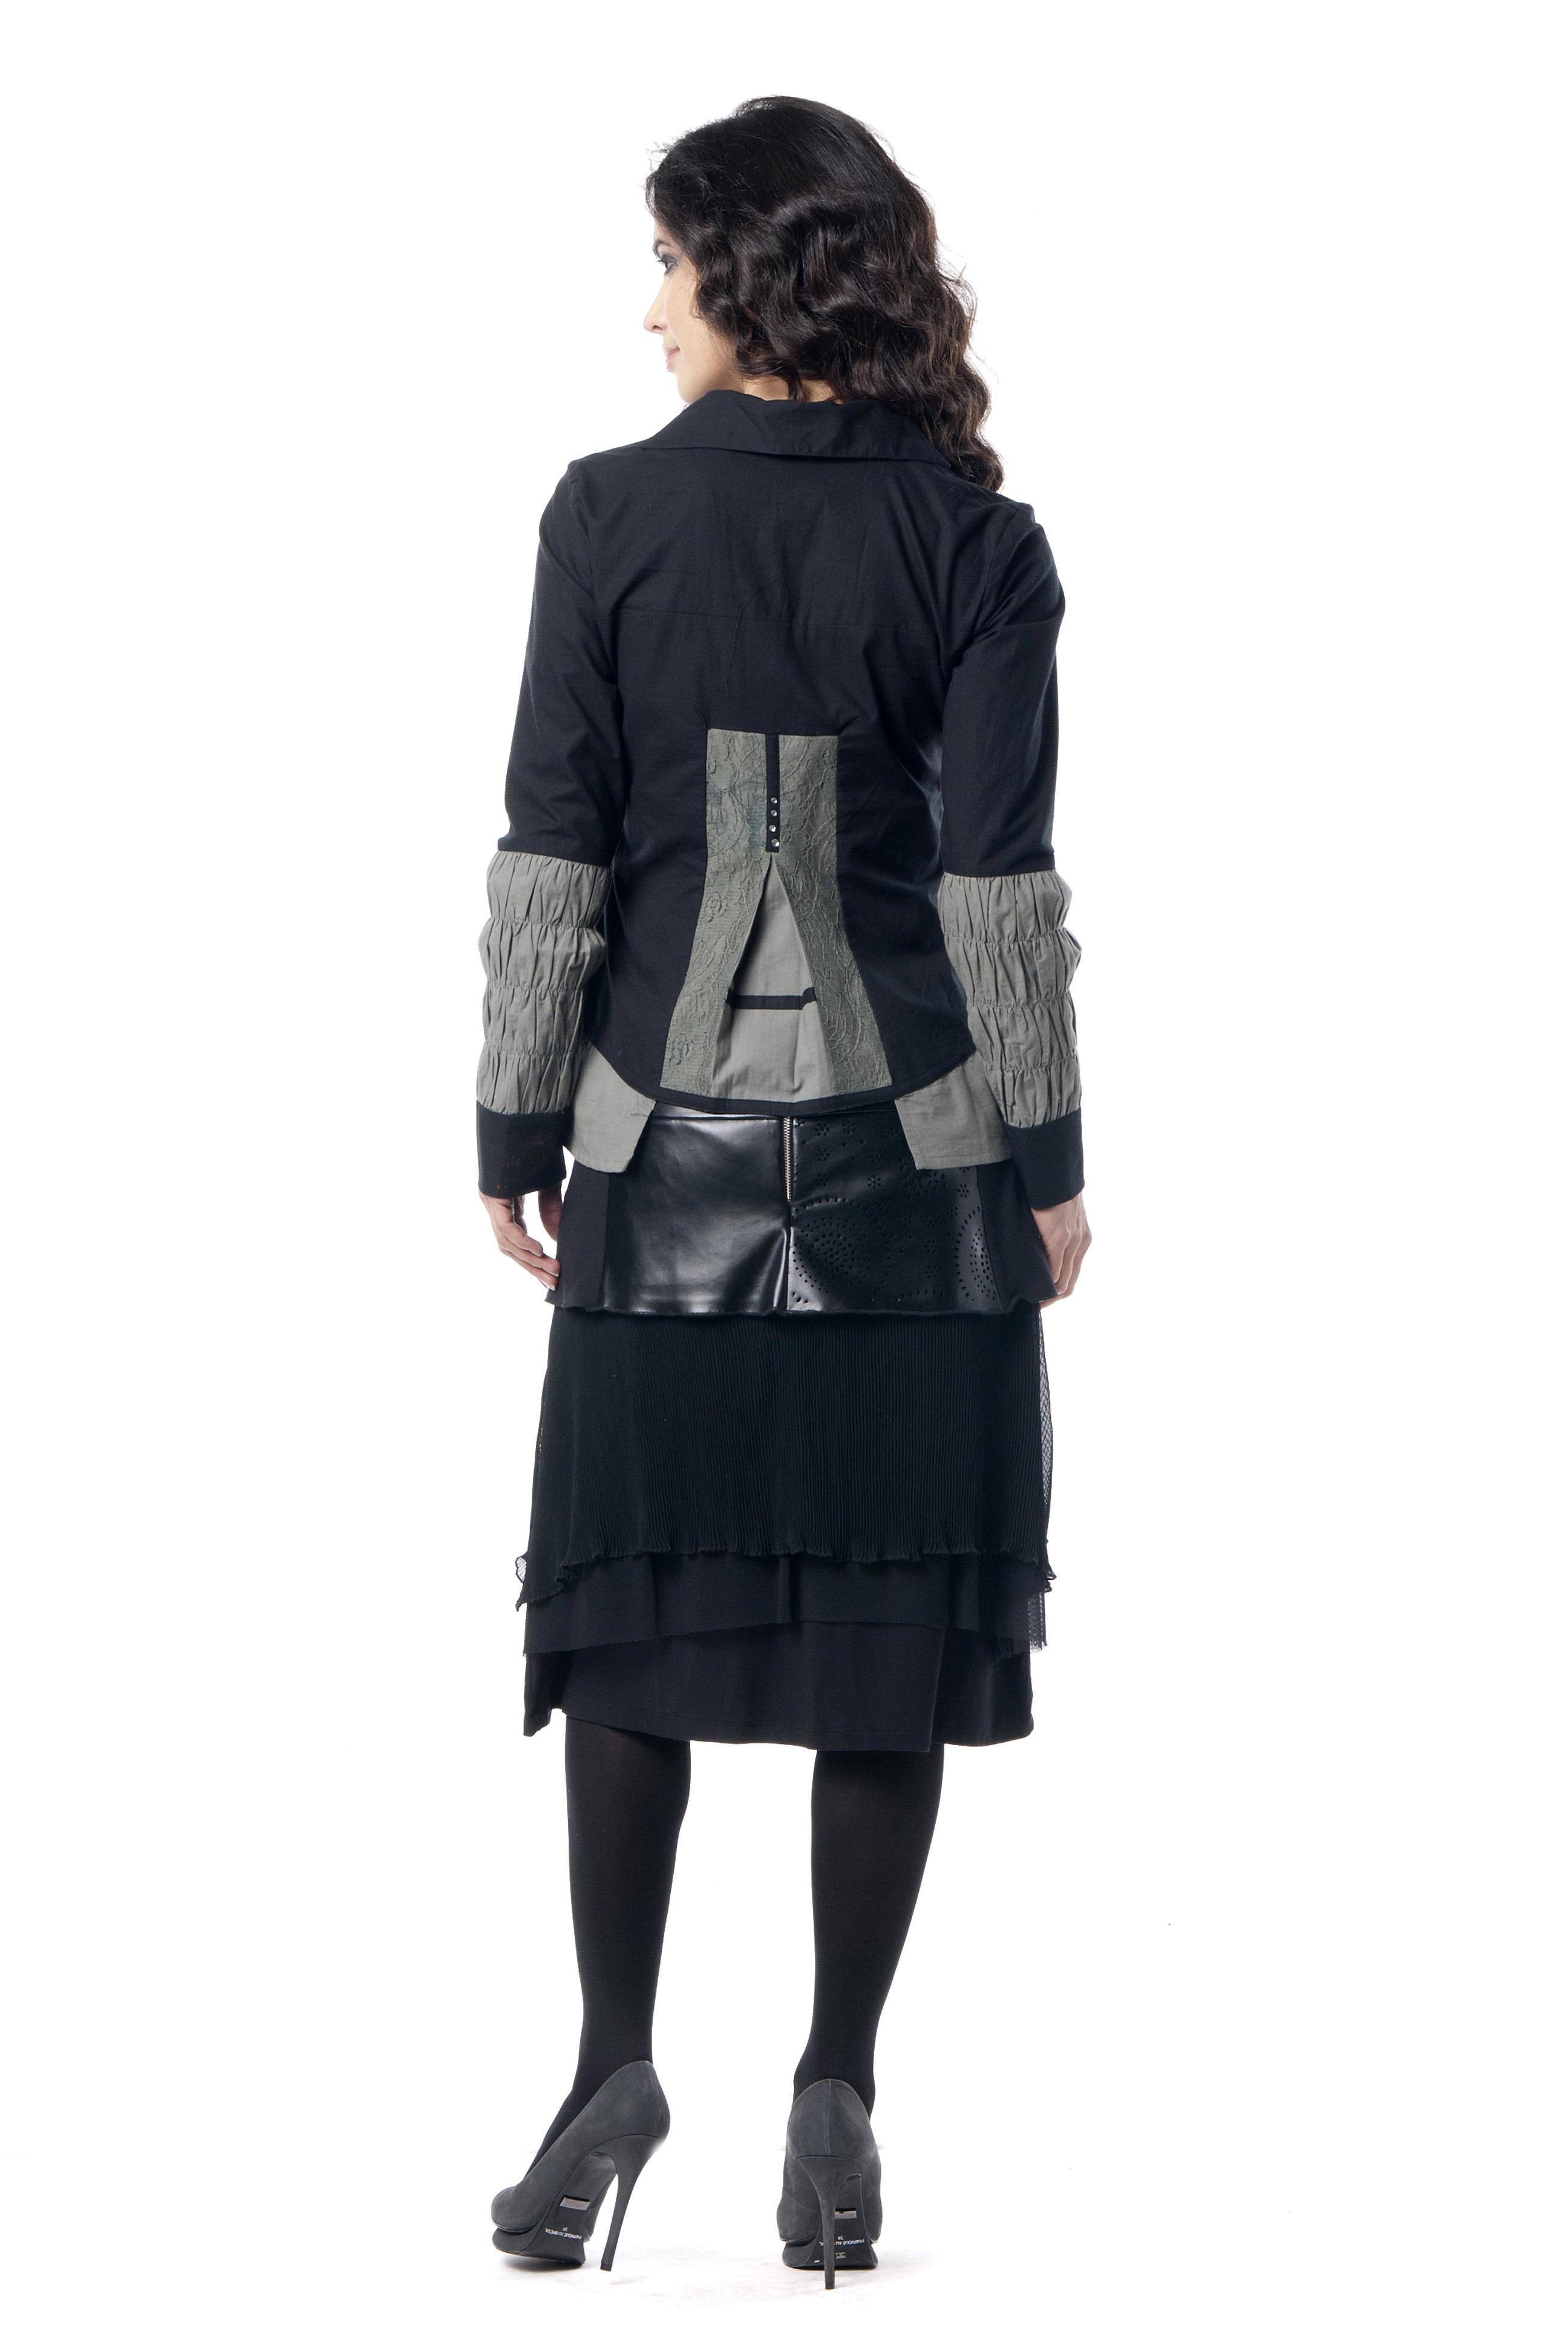 Les Fees Du Vent Couture: Femme Fatale Skirt